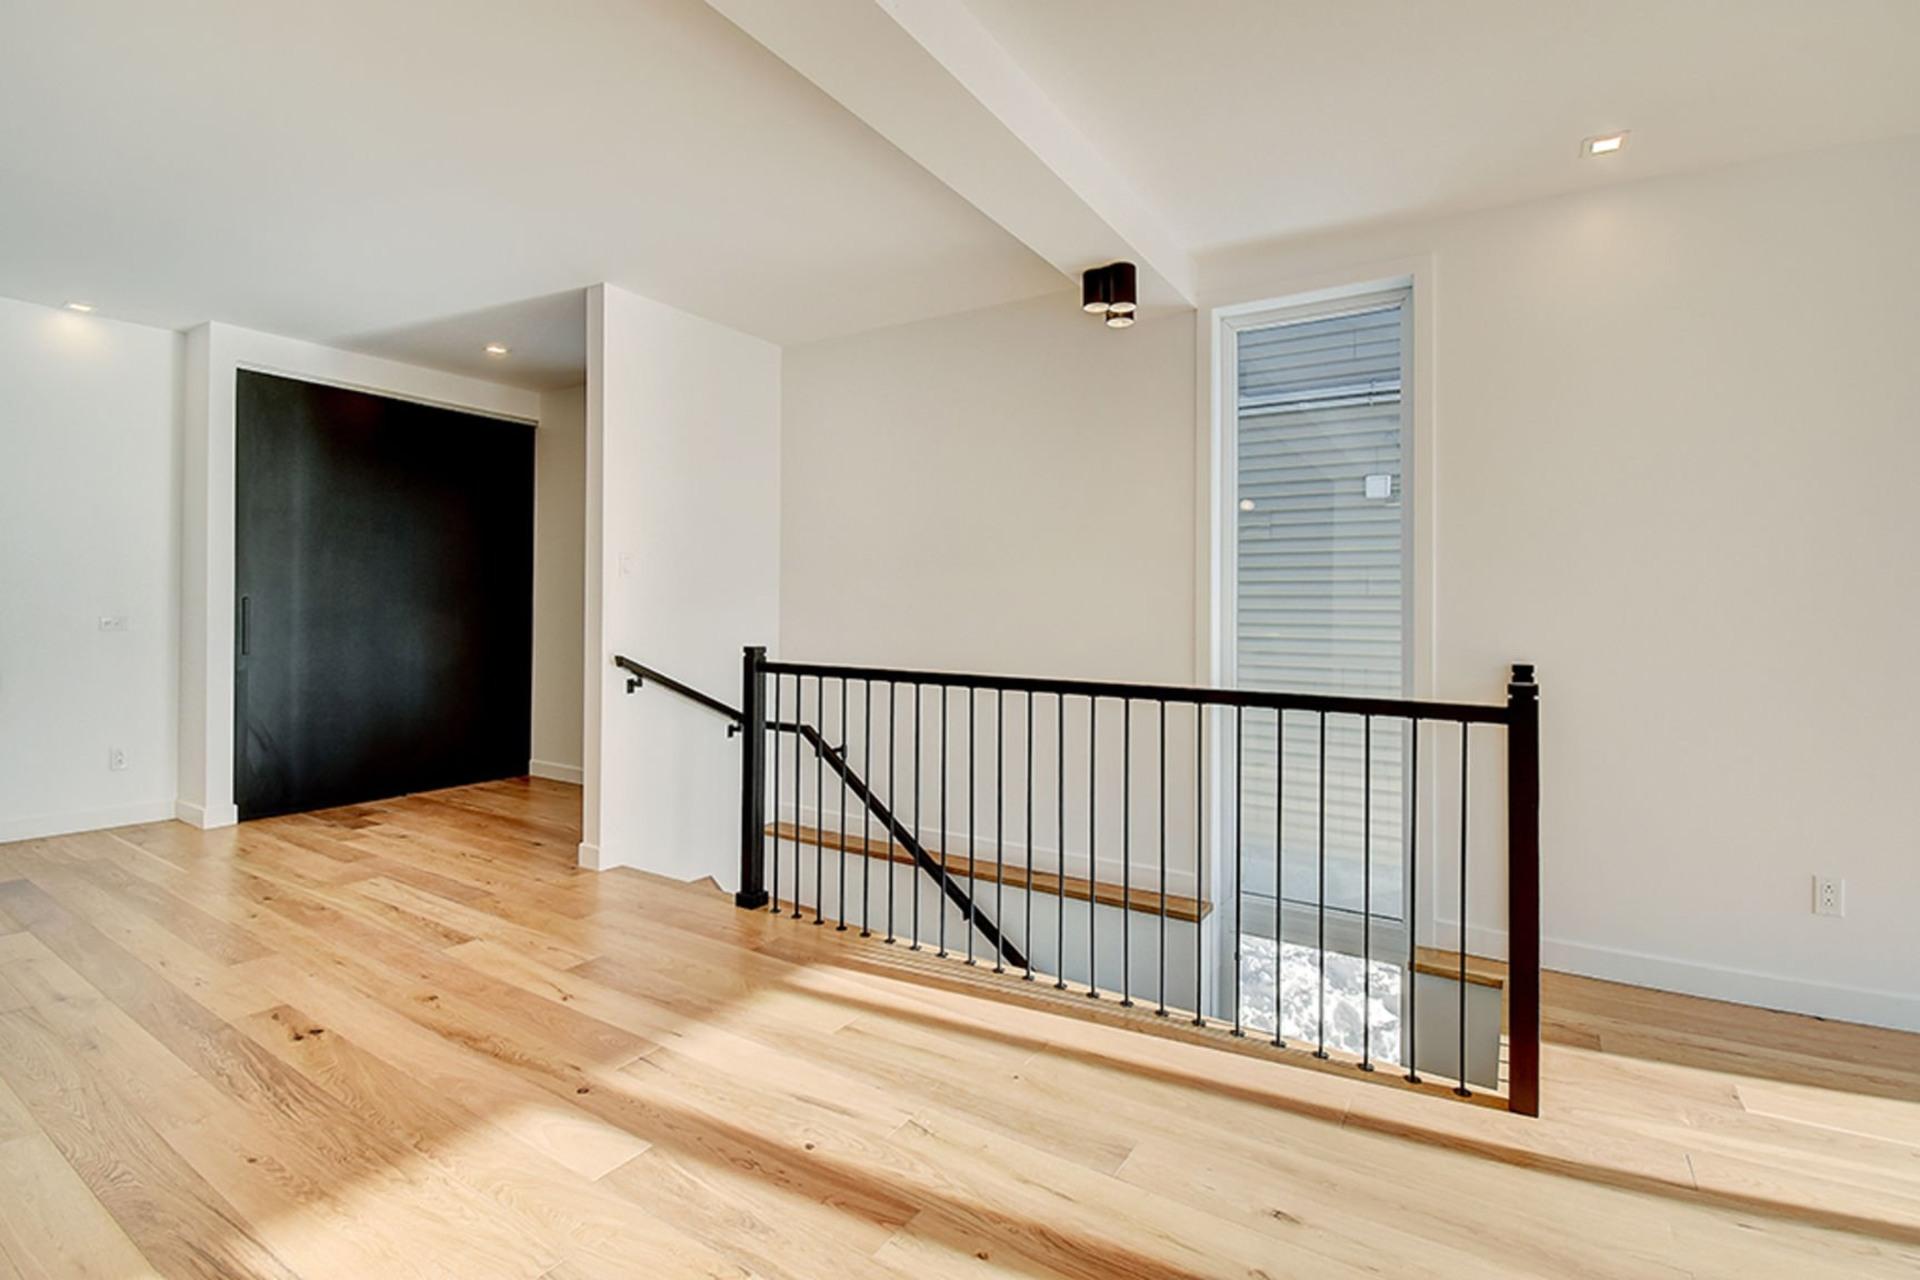 image 10 - Appartement À vendre Le Vieux-Longueuil Longueuil  - 9 pièces